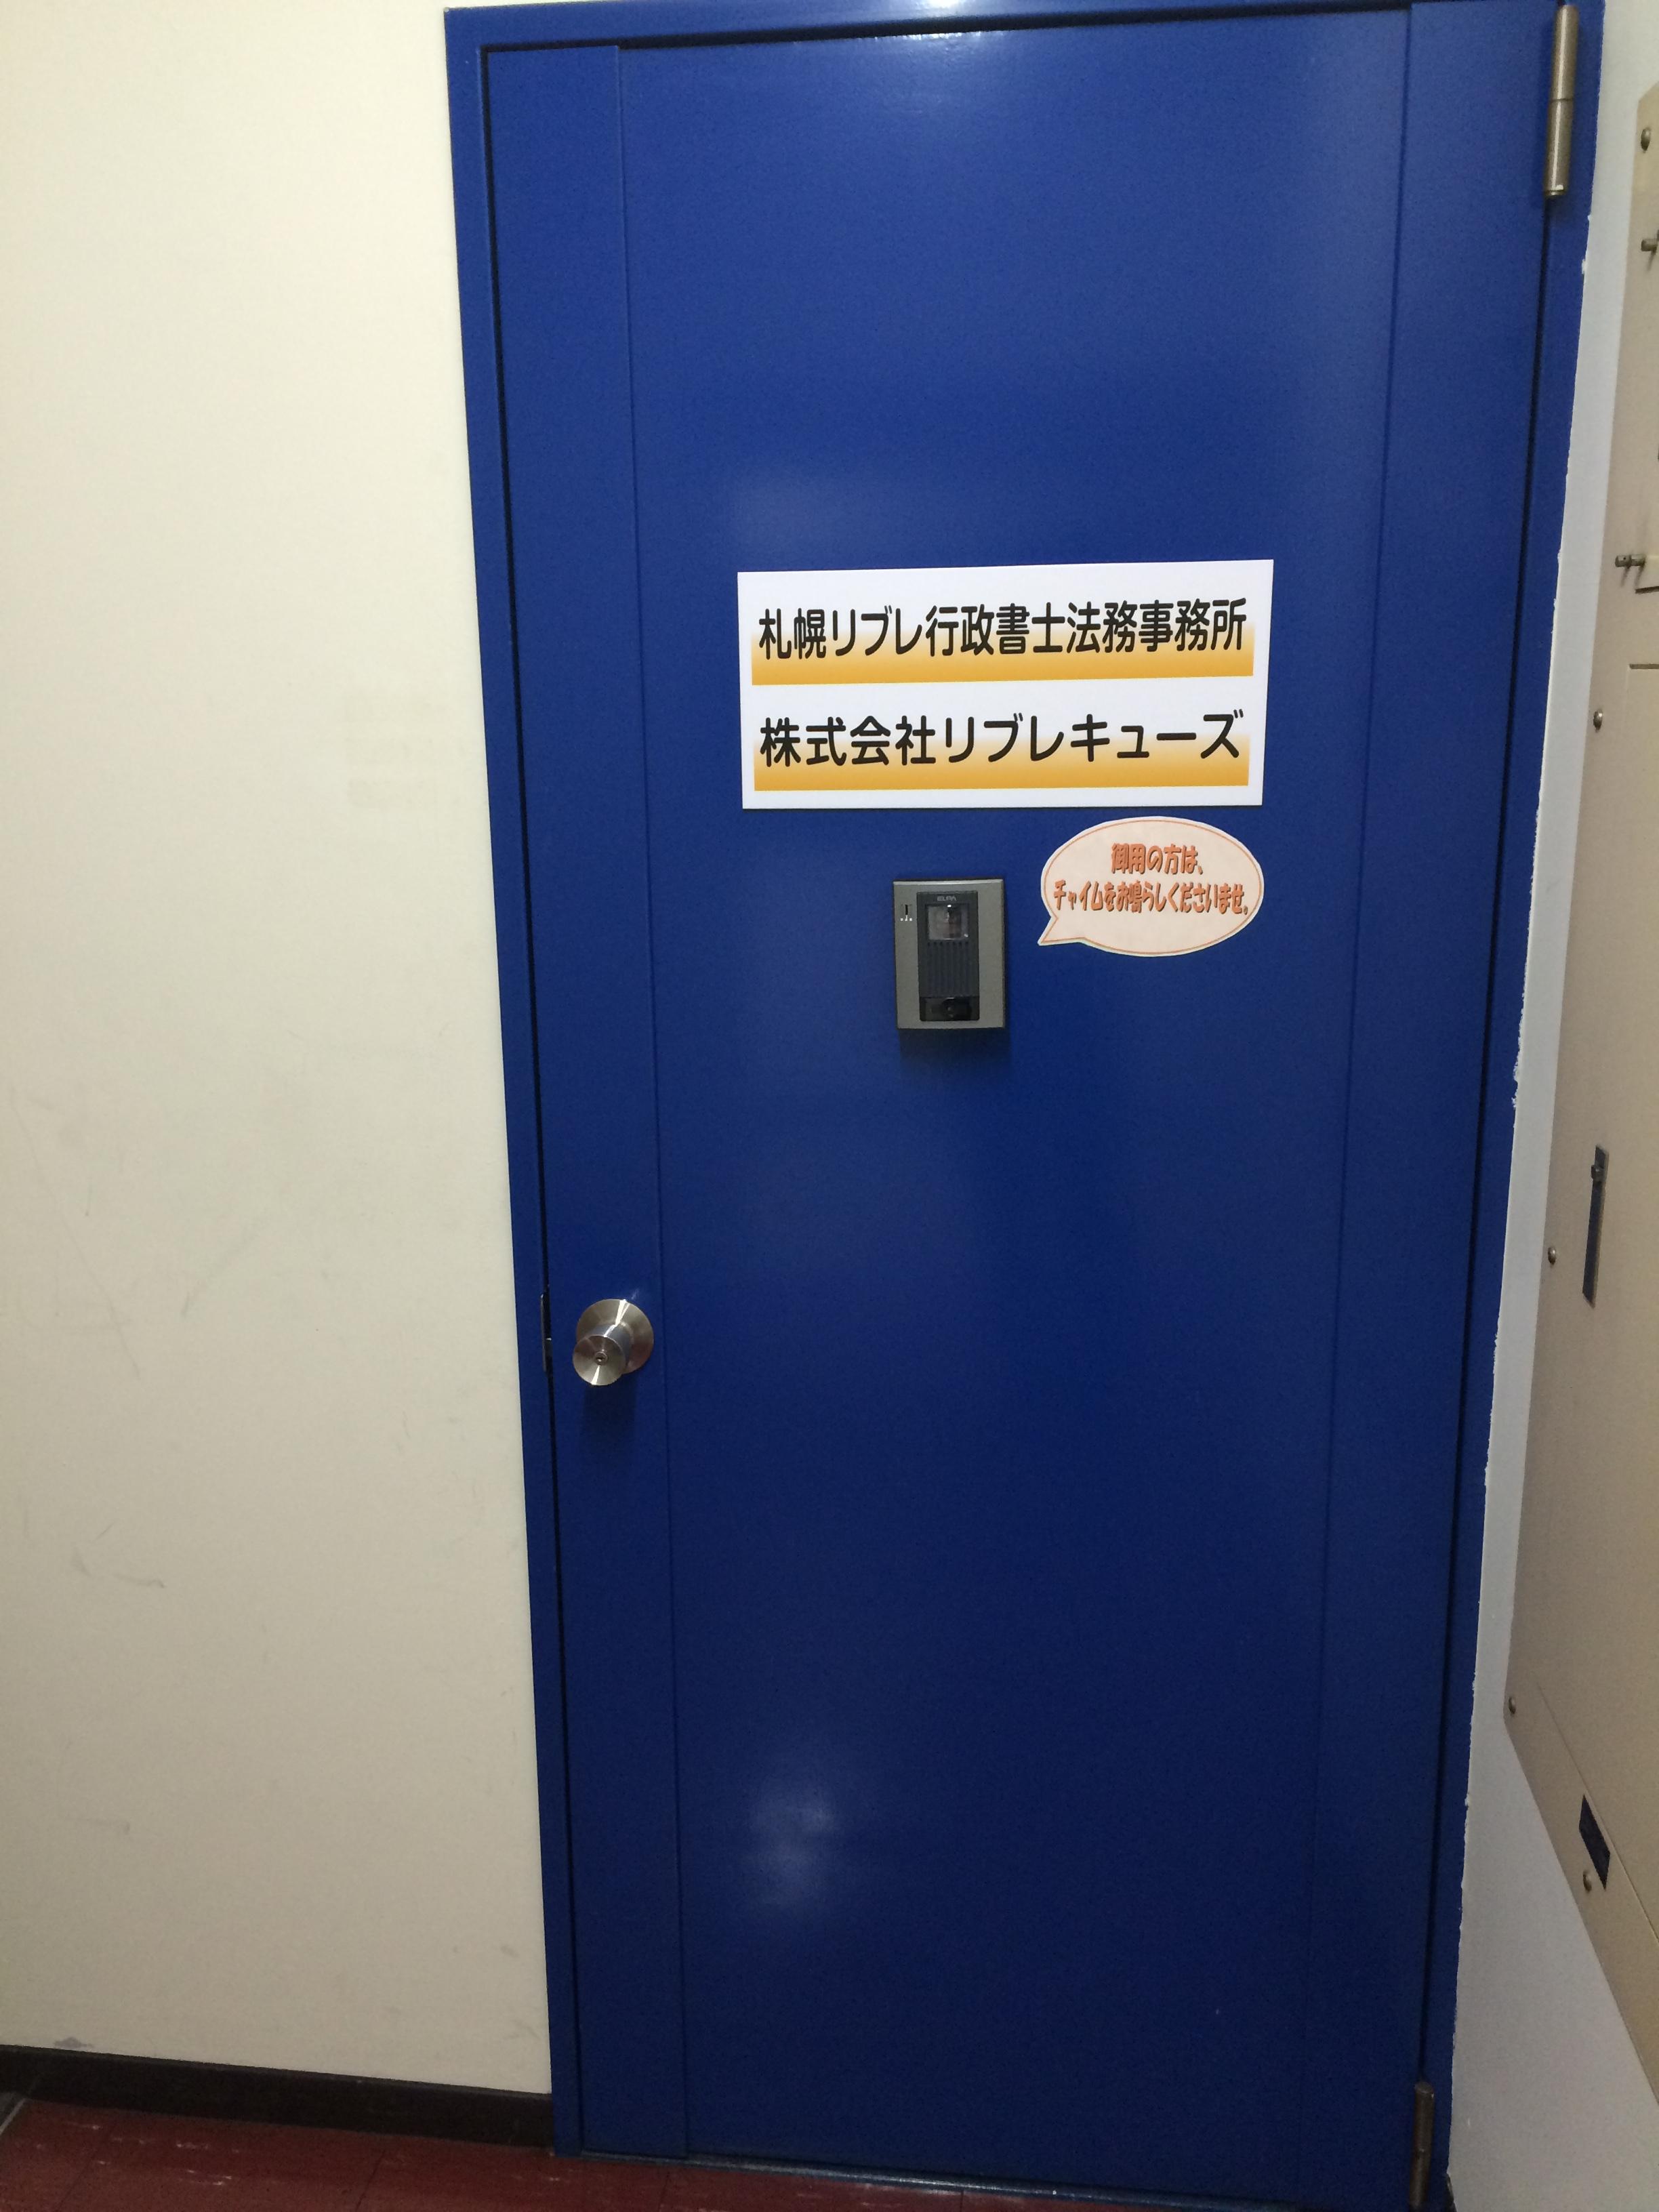 事務所の入口(インターホン)